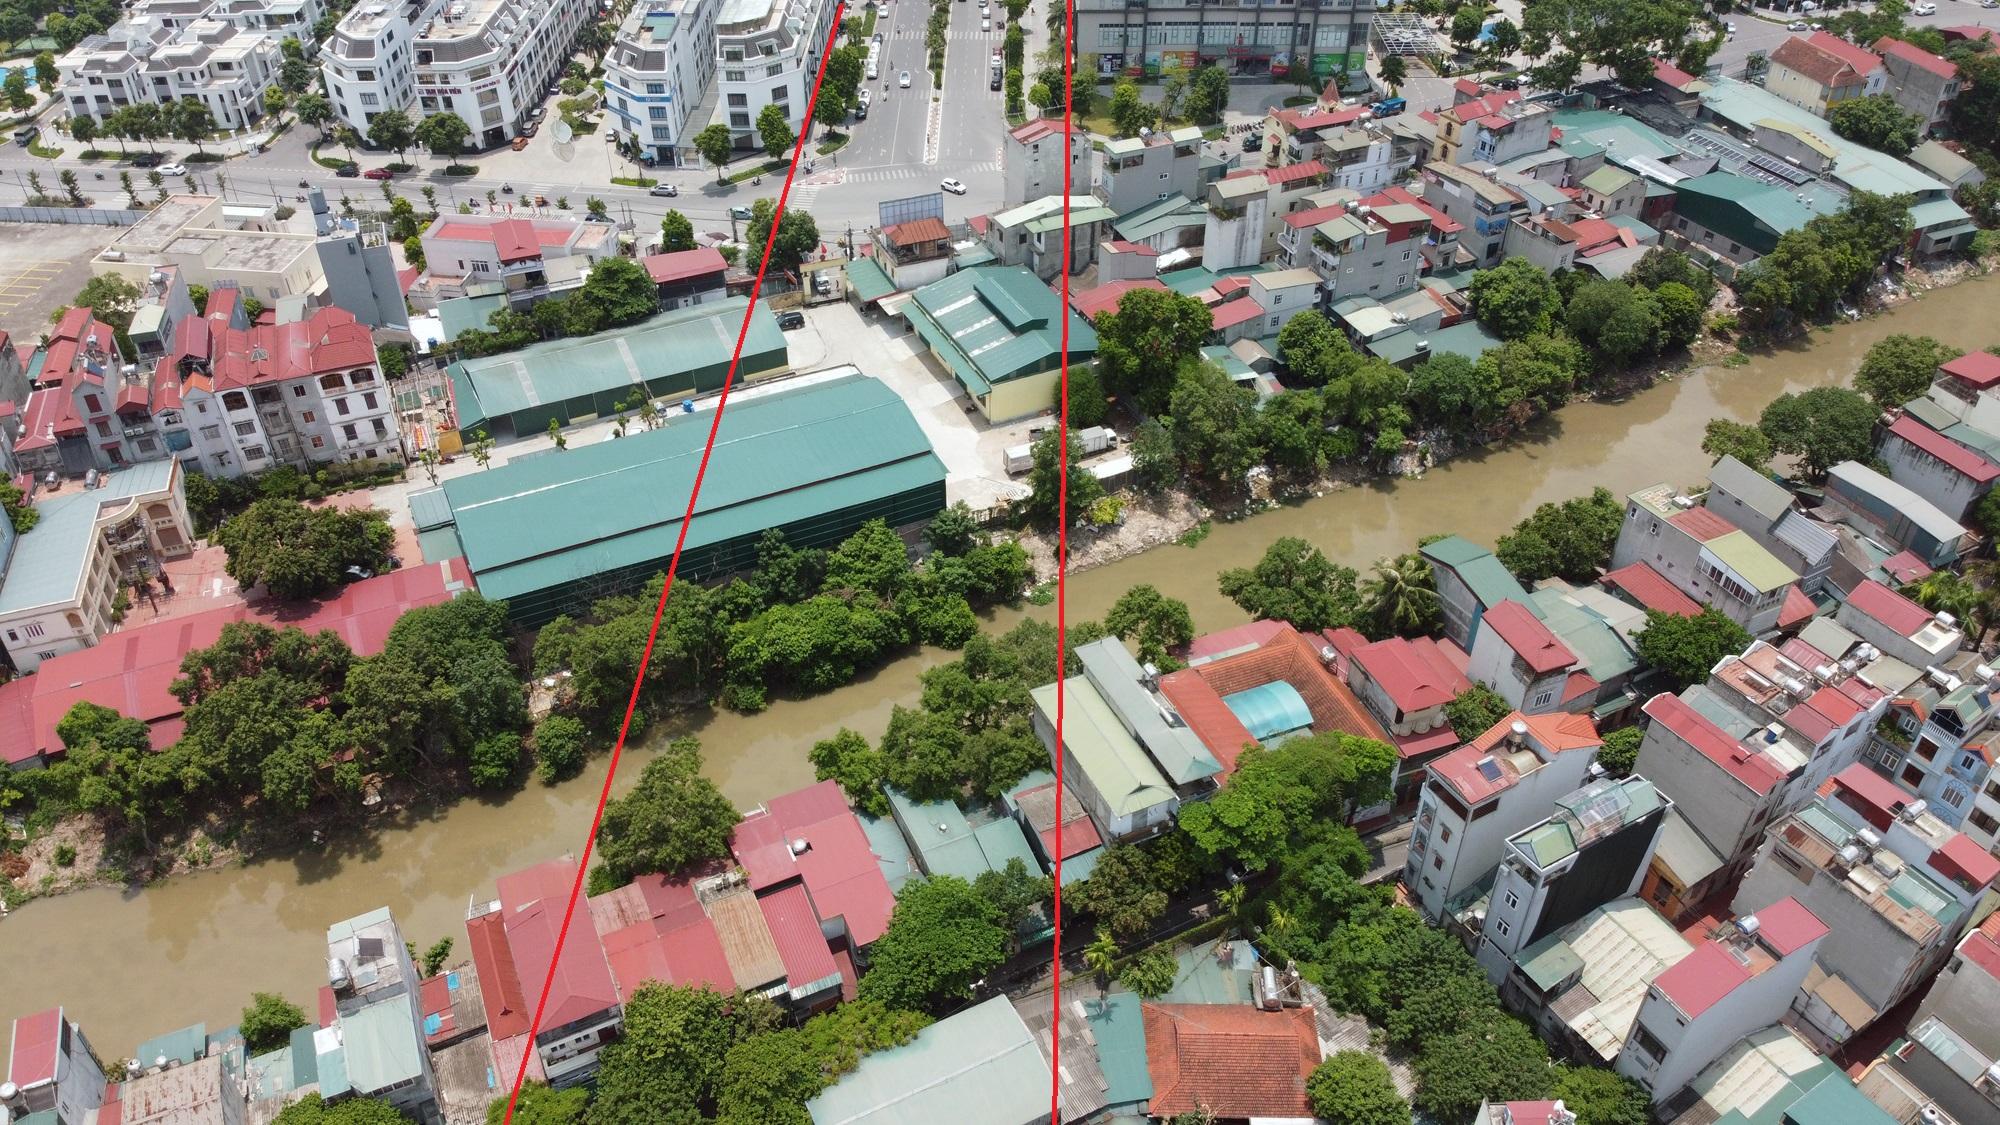 Ba đường sẽ mở theo qui hoạch ở phường Cầu Diễn, Nam Từ Liêm, Hà Nội - Ảnh 5.